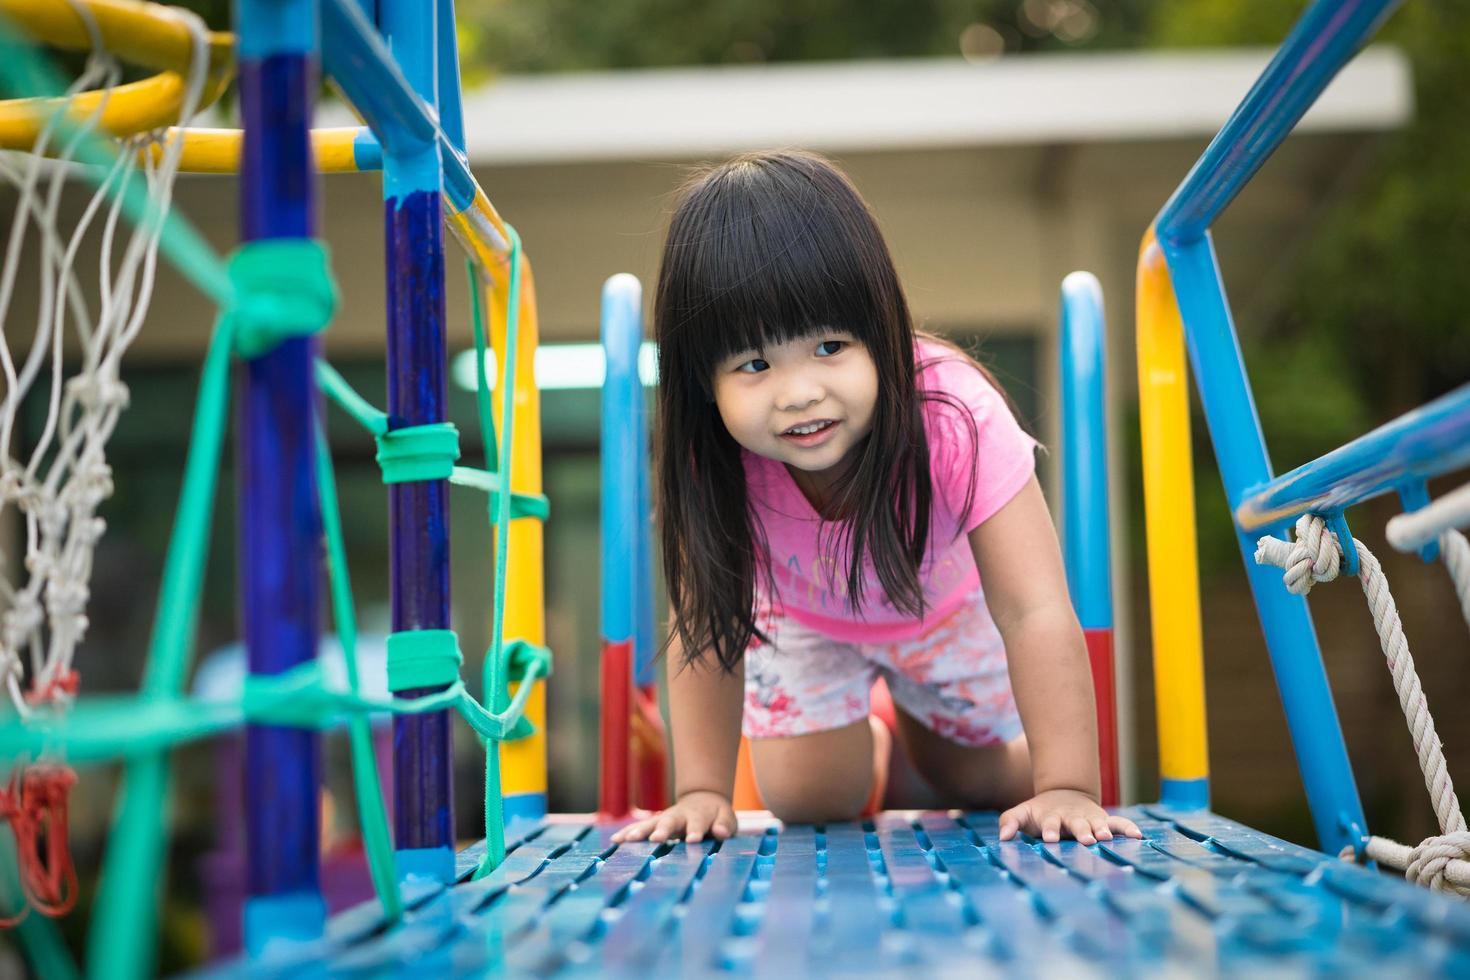 petite fille asiatique aime jouer sur le terrain de jeu photo